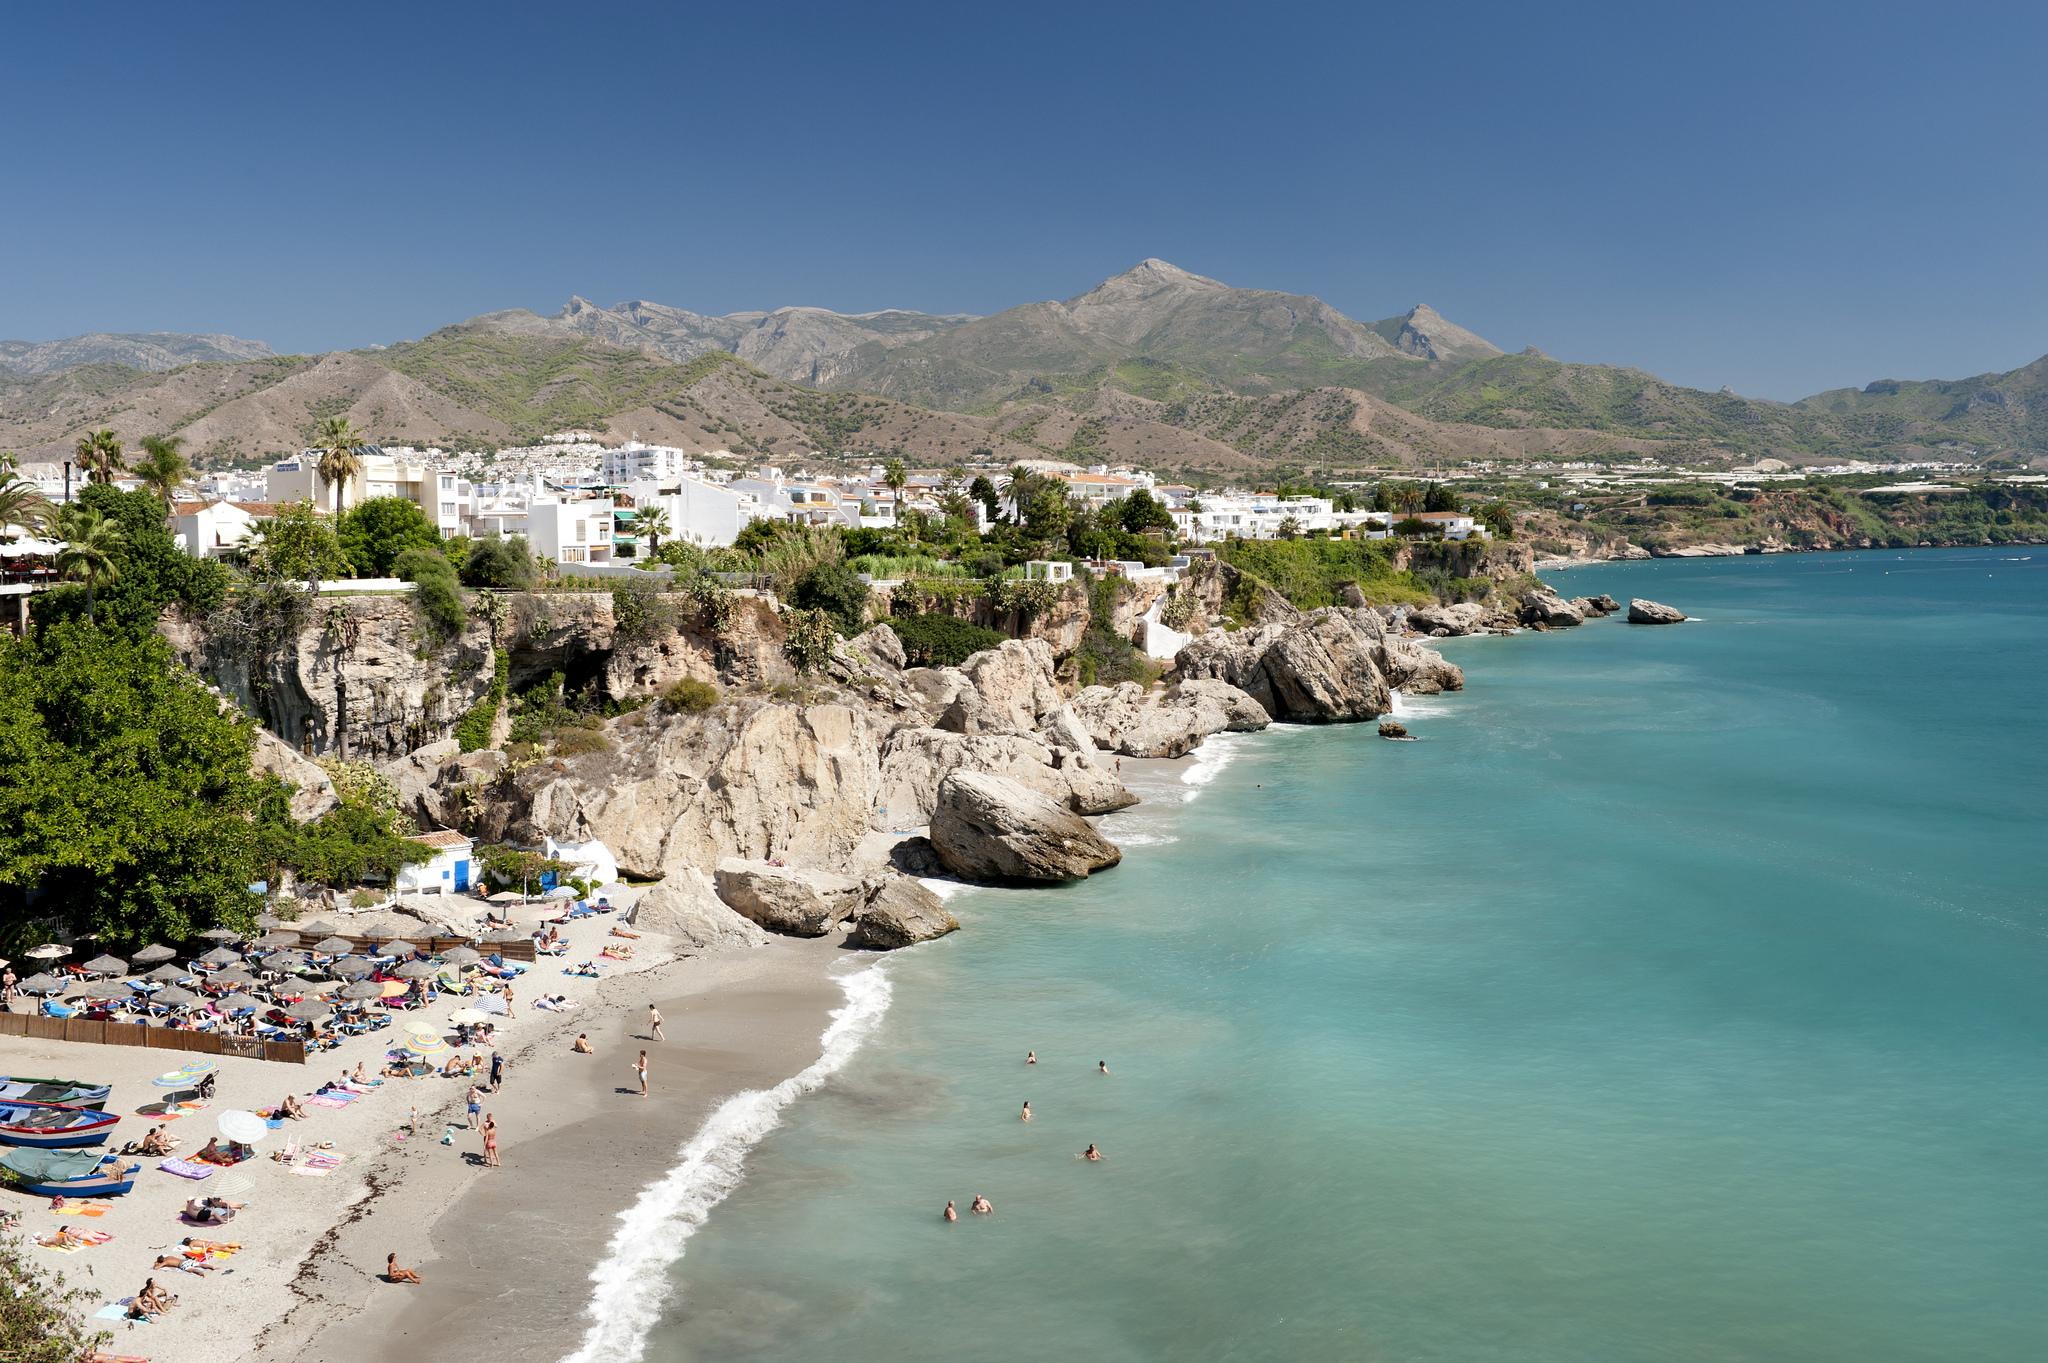 Spanisch Sprachaufenthalt in Andalusien